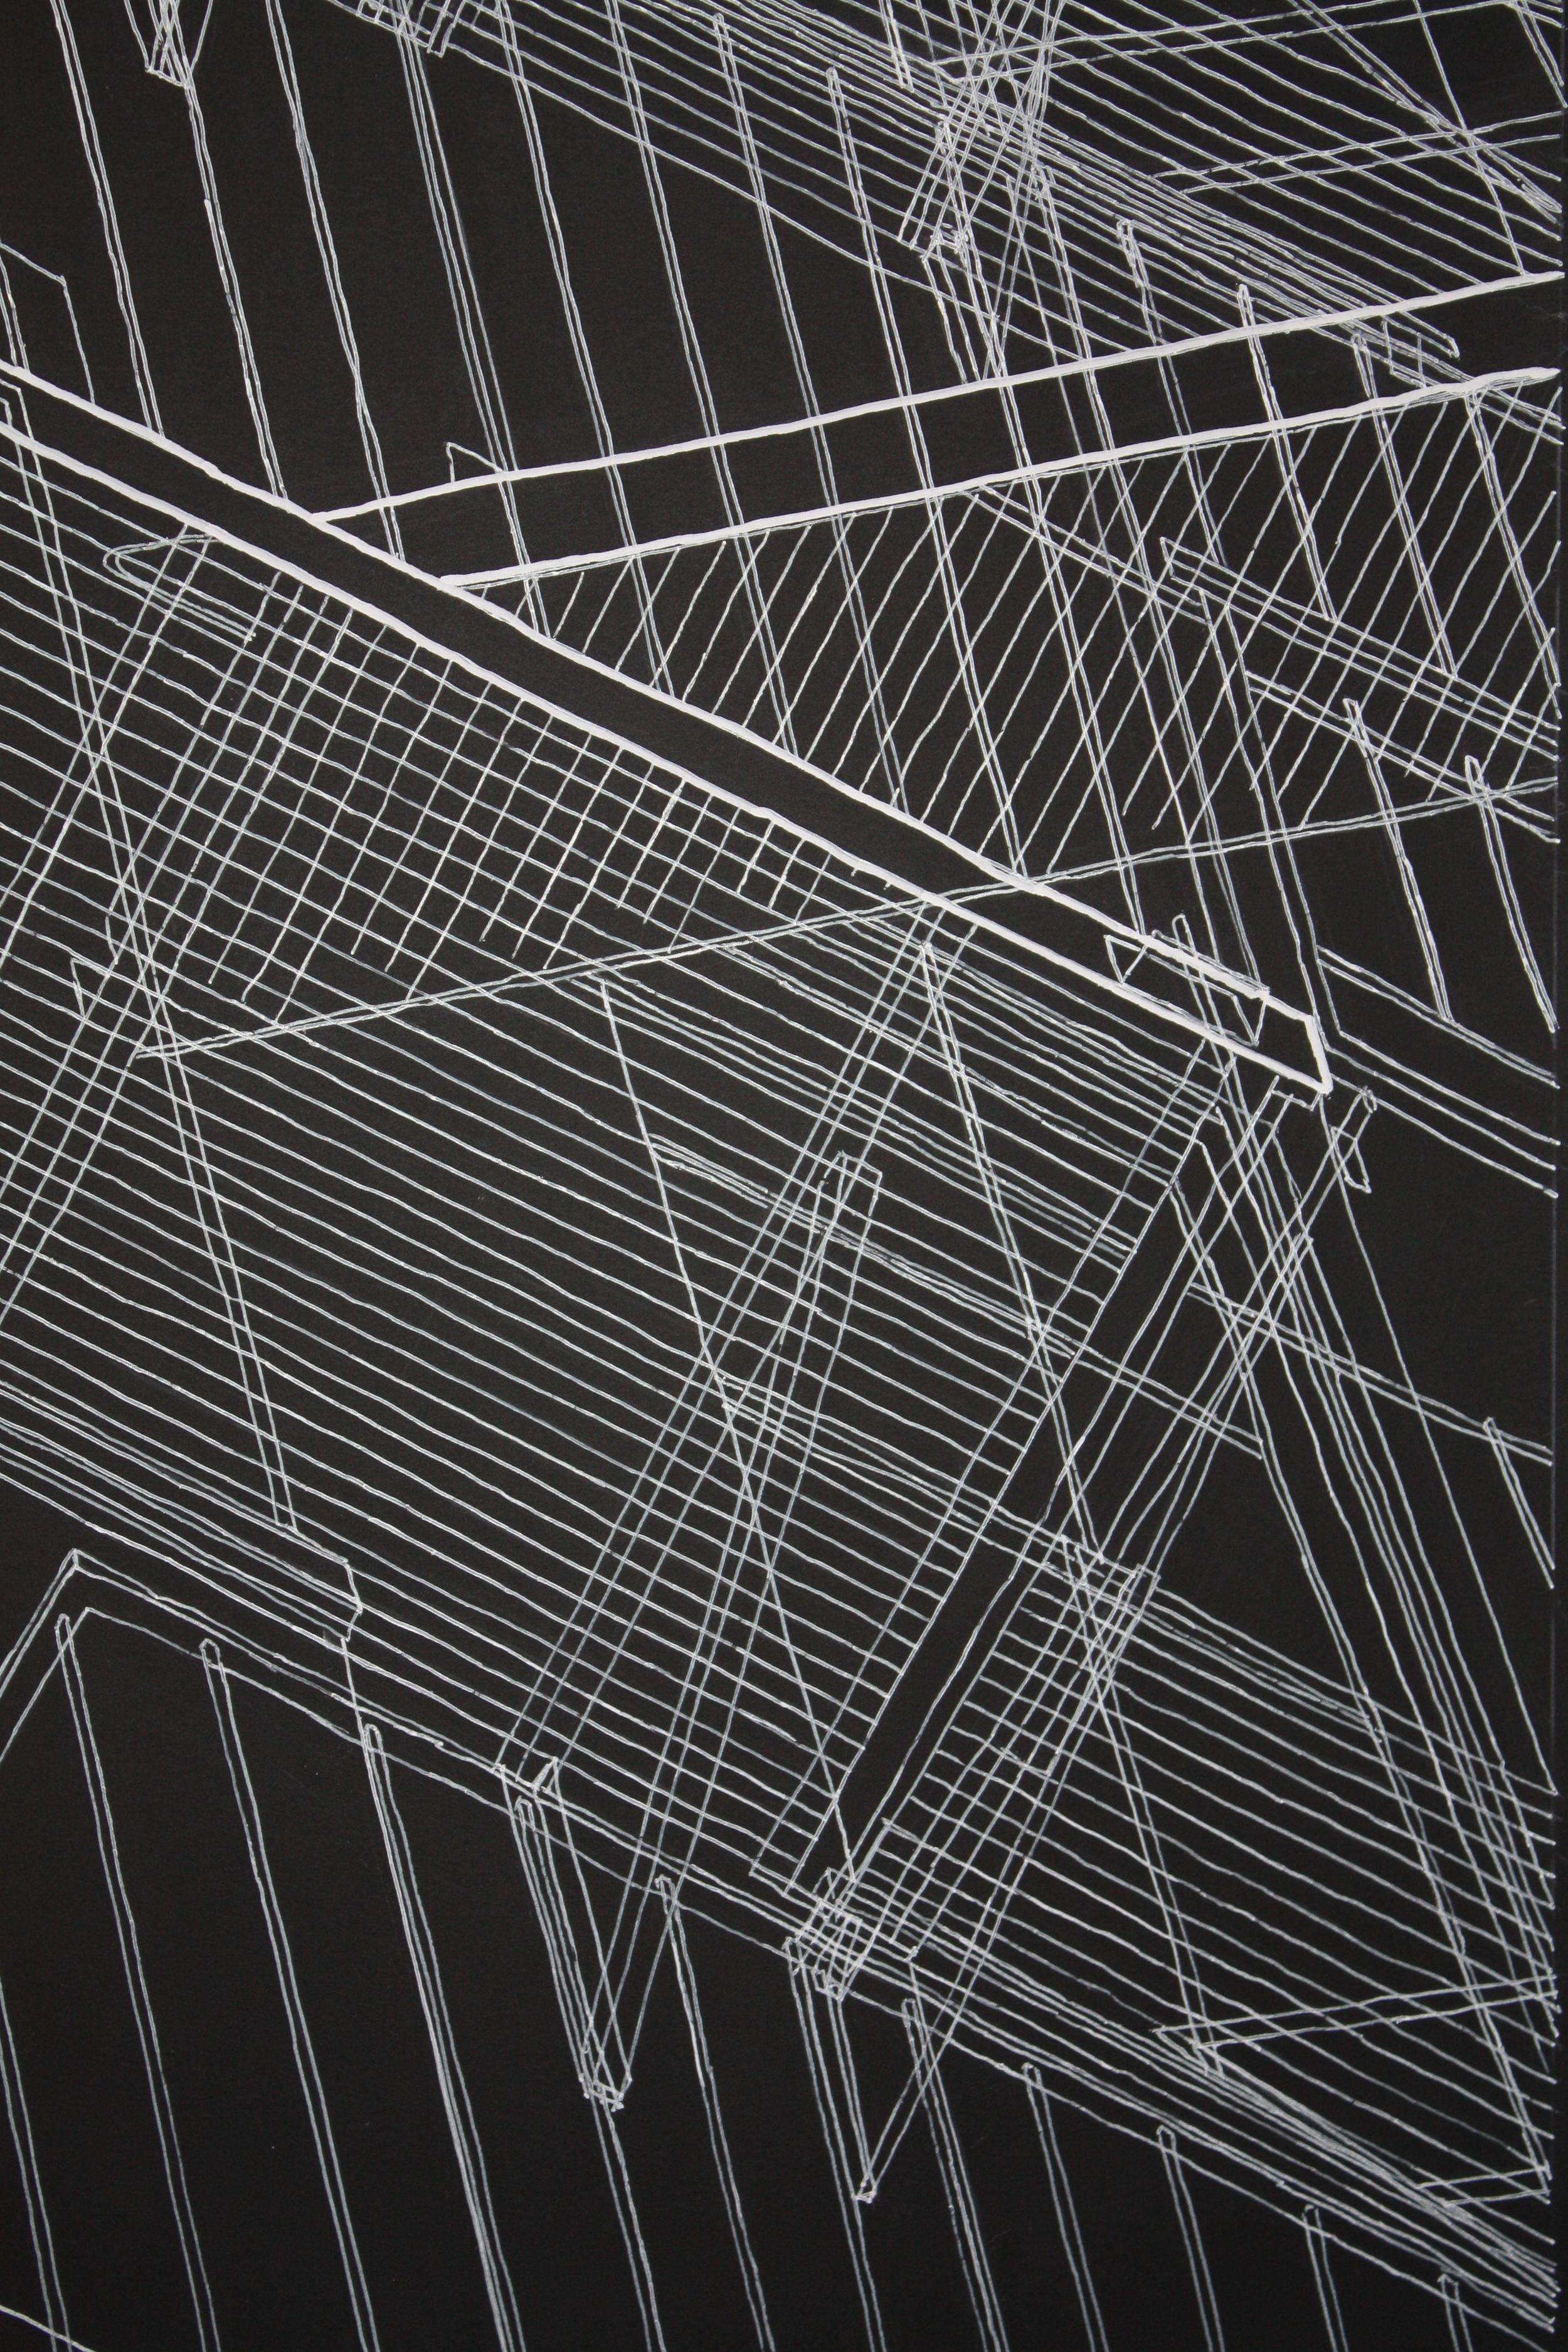 High Wire Detail09.jpg